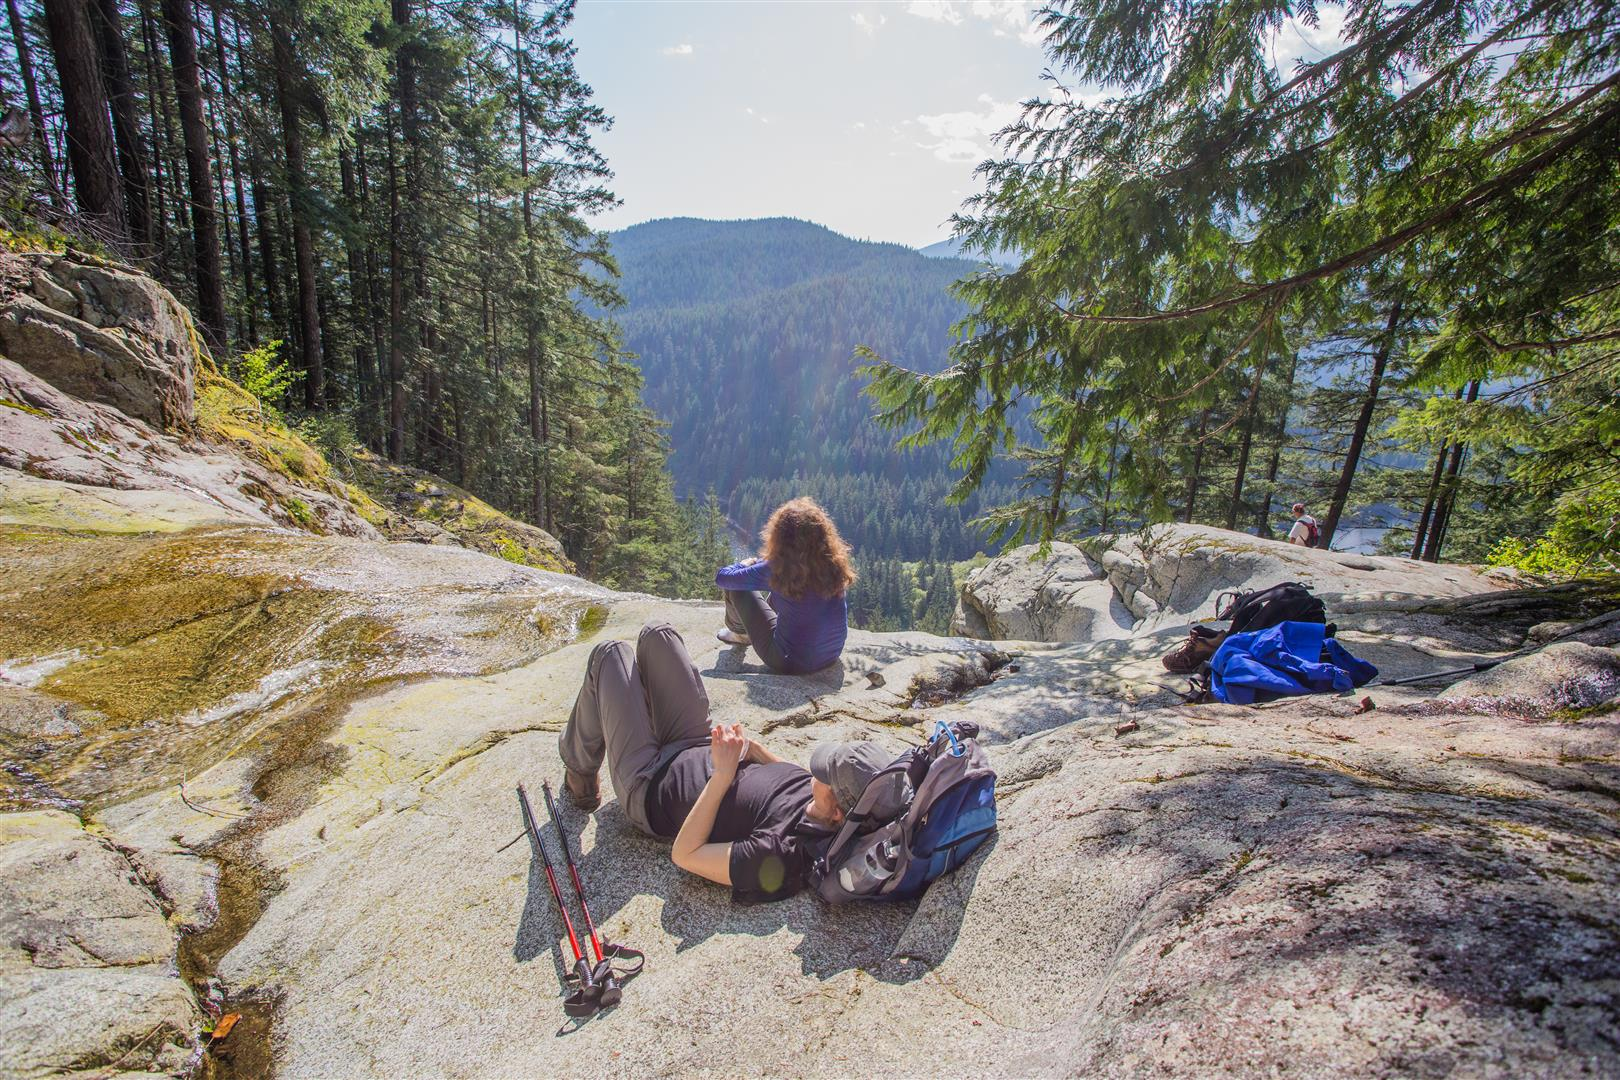 Relaxing at Swan Falls